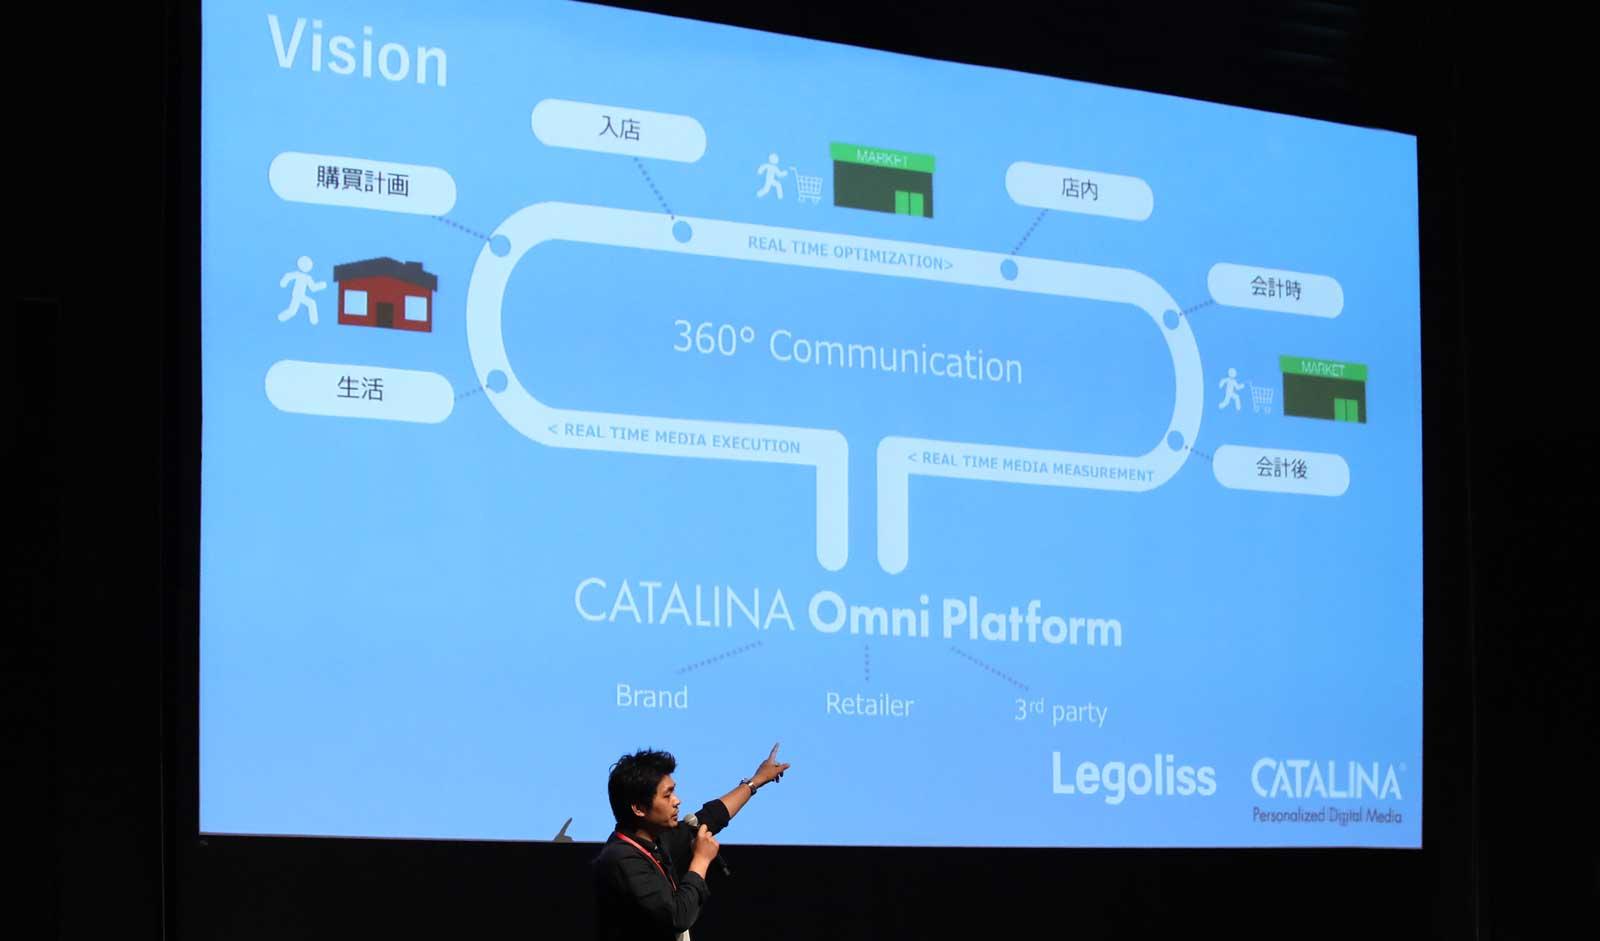 Vision|CATALINA Omni Platform 説明図